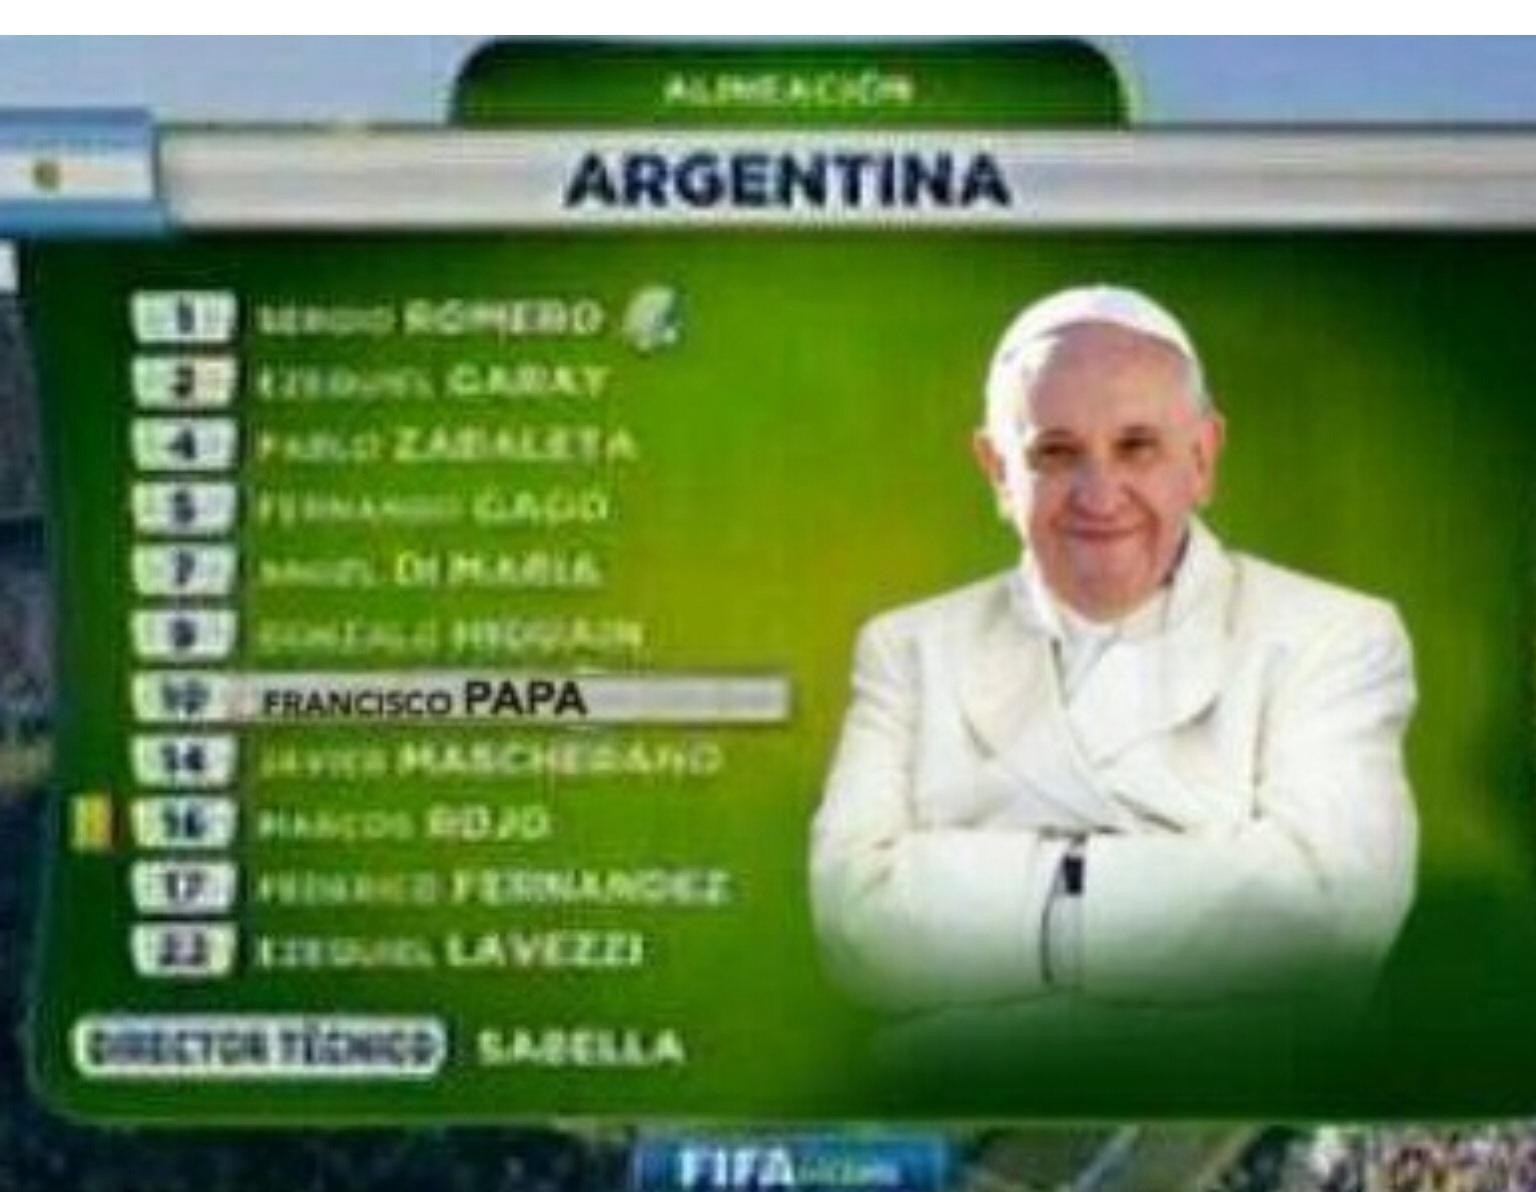 Escala o da argentina fb humoresportivo not cias uol for Noticias famosos argentina